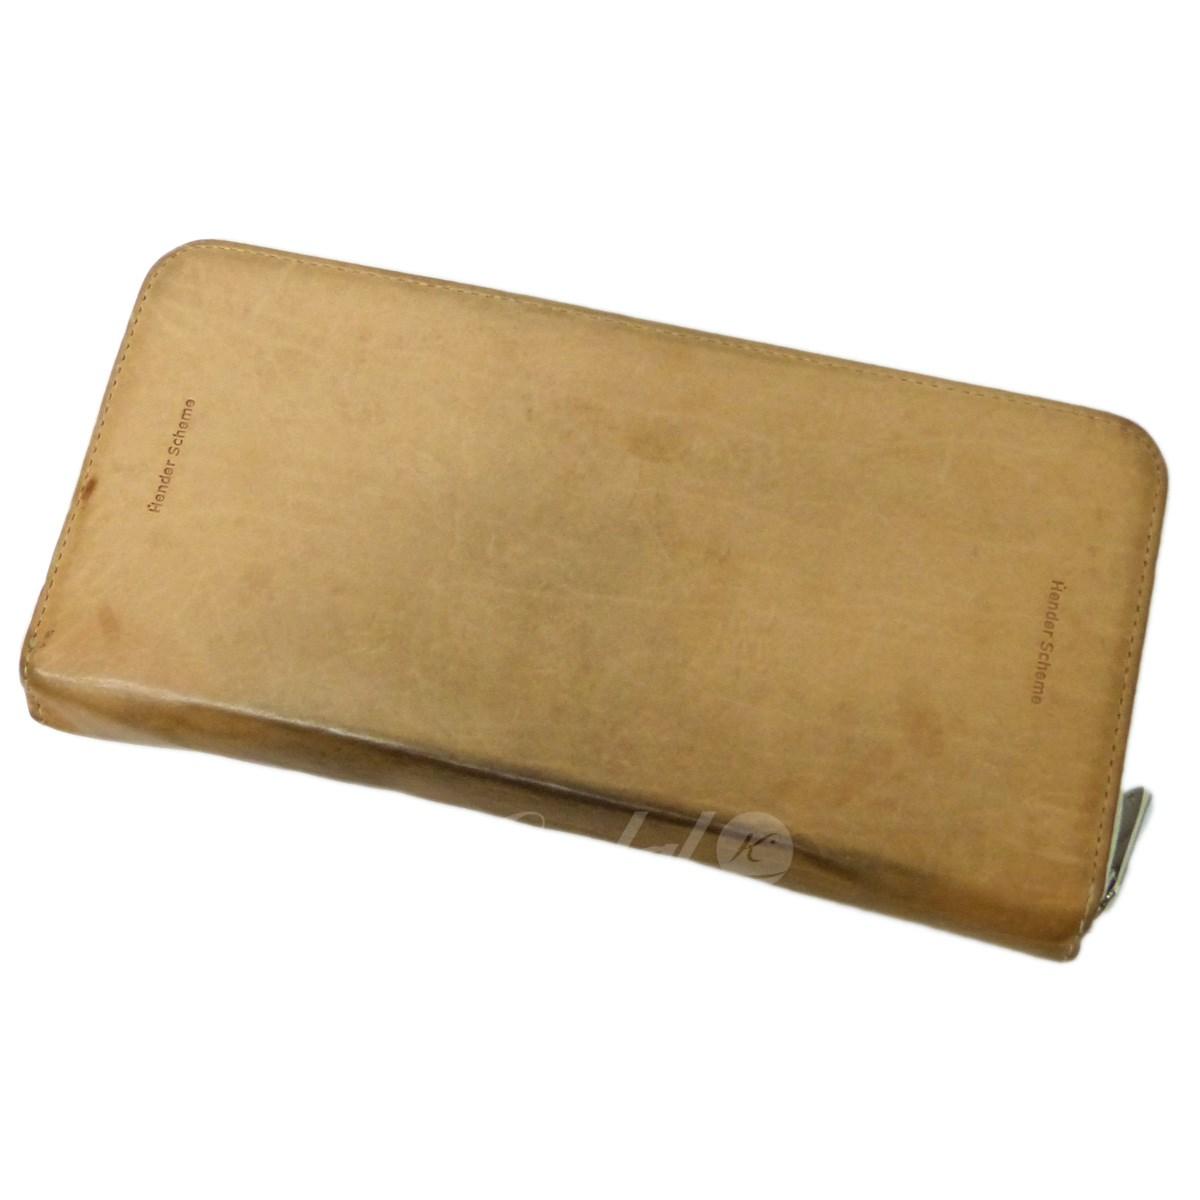 【中古】Hender Scheme 「long zip purse」ラウンドジップ長財布 ナチュラル サイズ:- 【送料無料】 【031118】(エンダースキーマー)